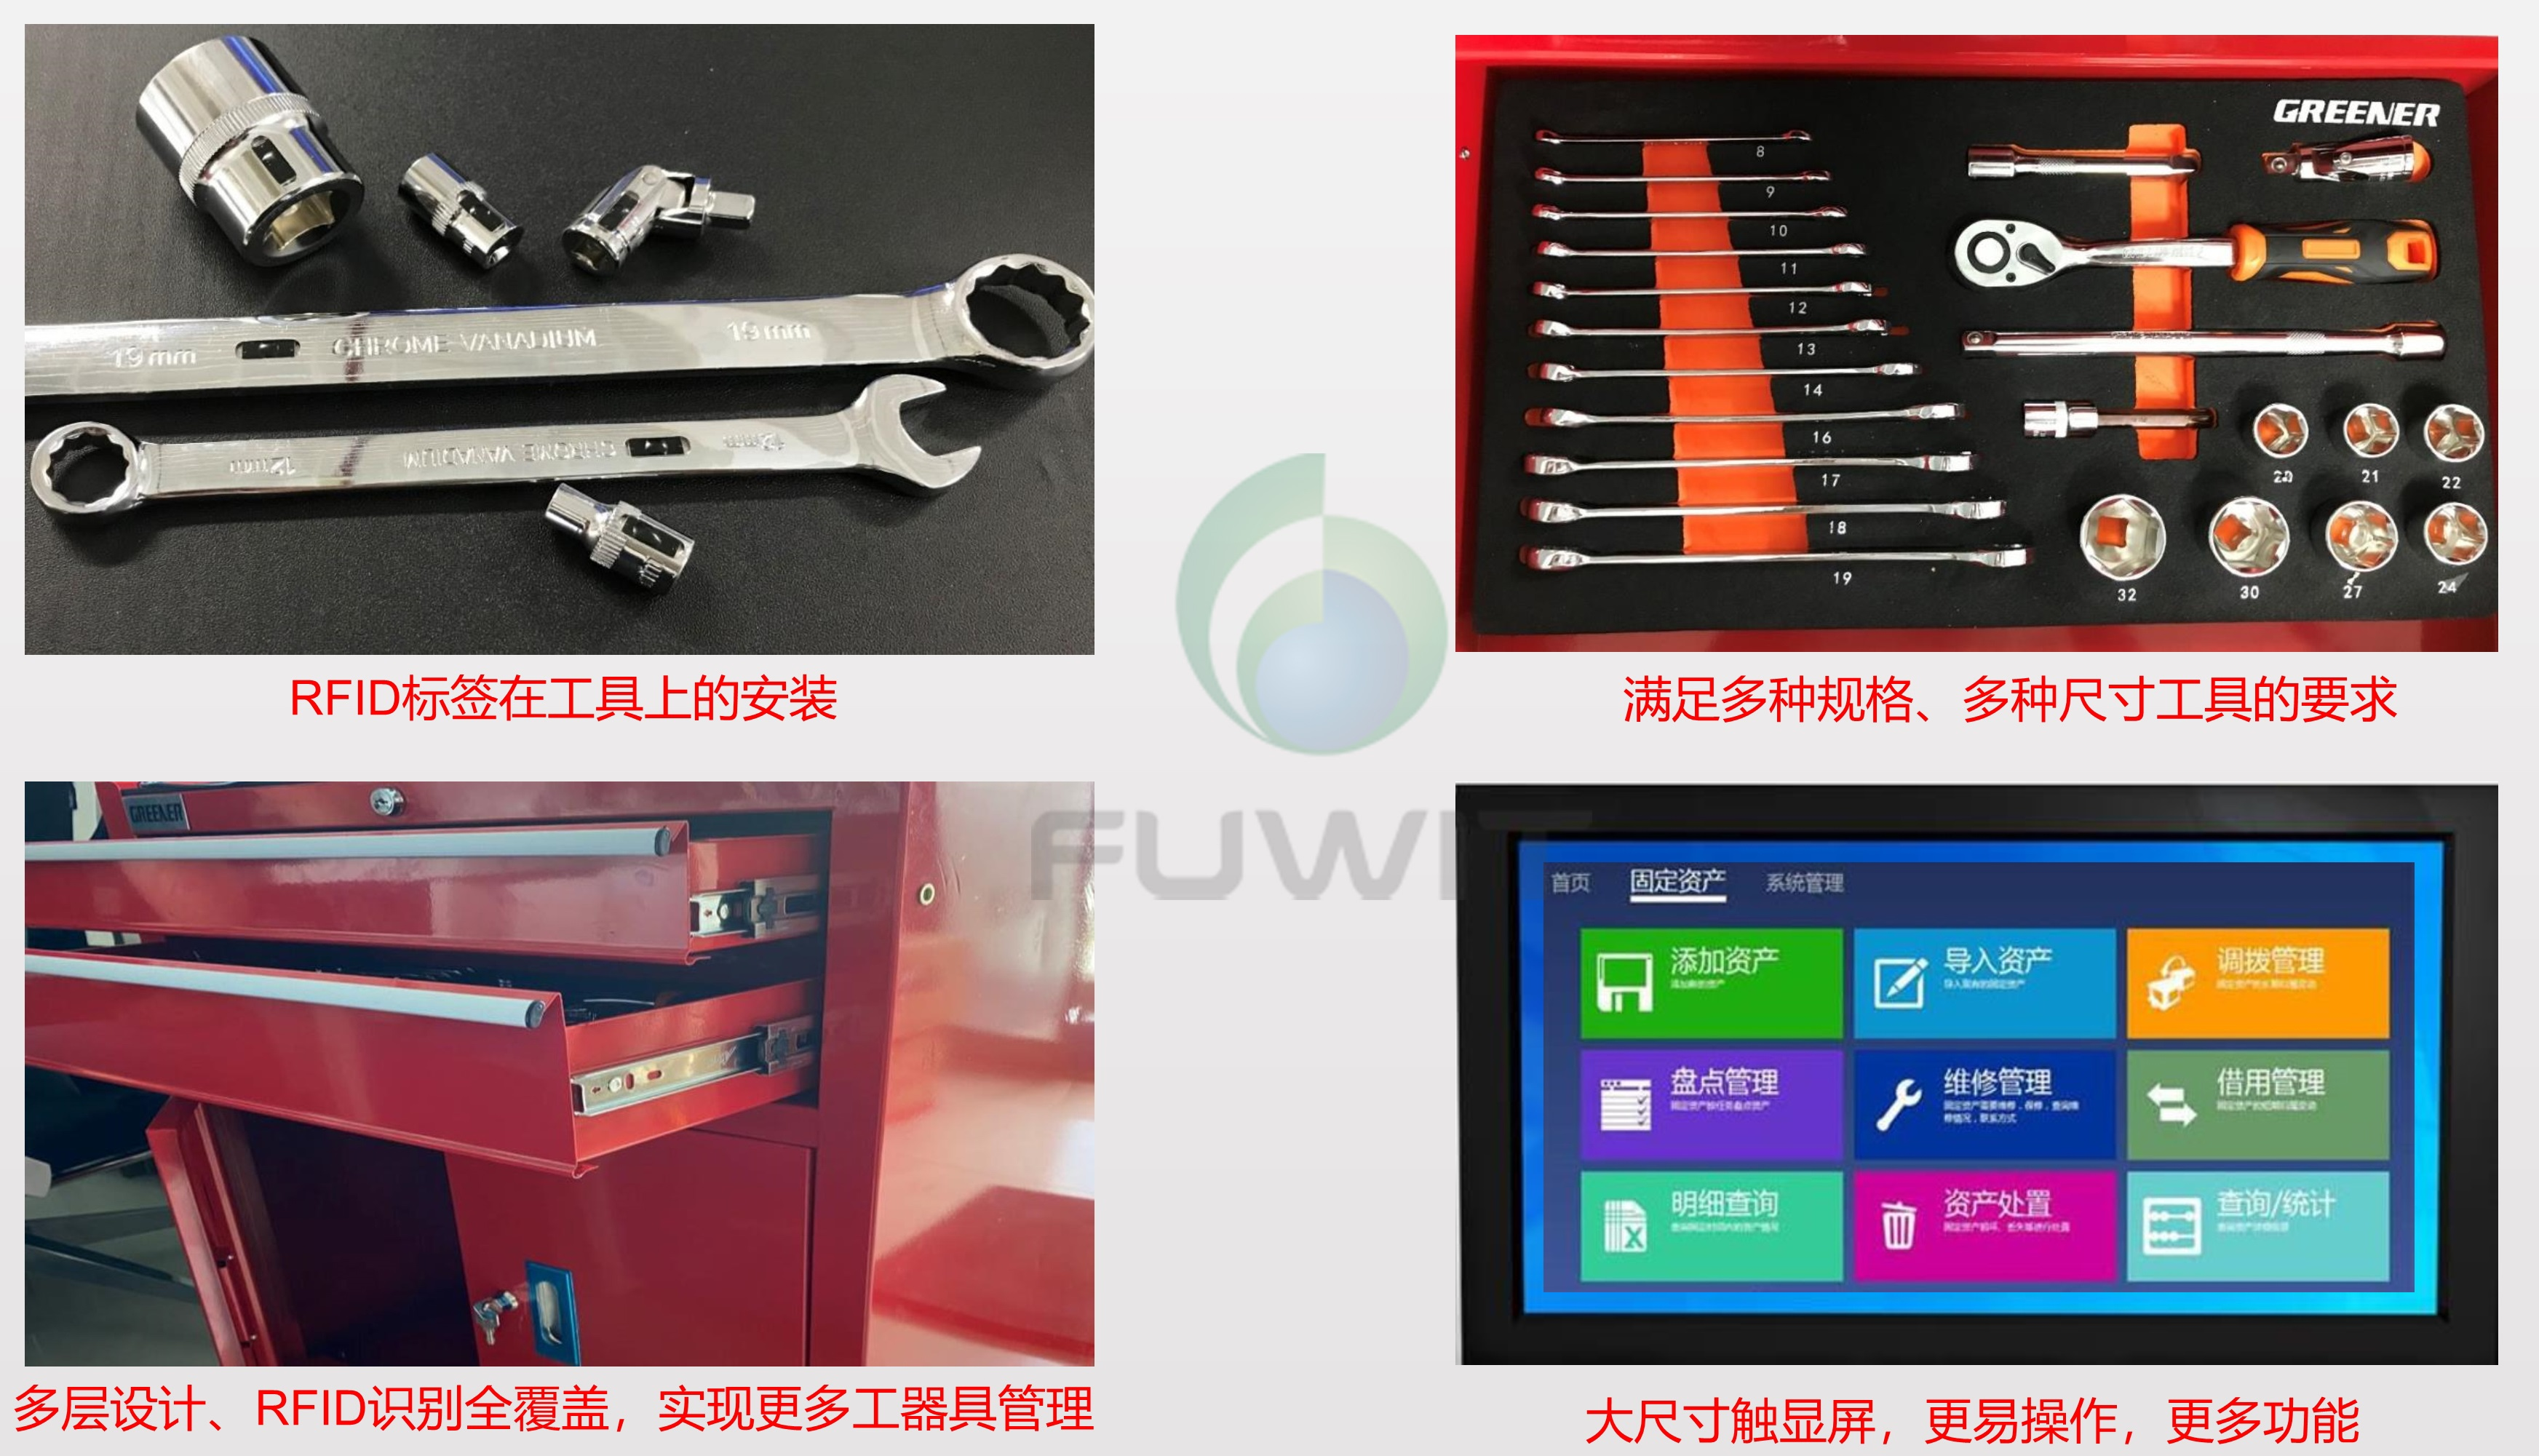 RFID智能工具管理,RFID智能工具车,RFID